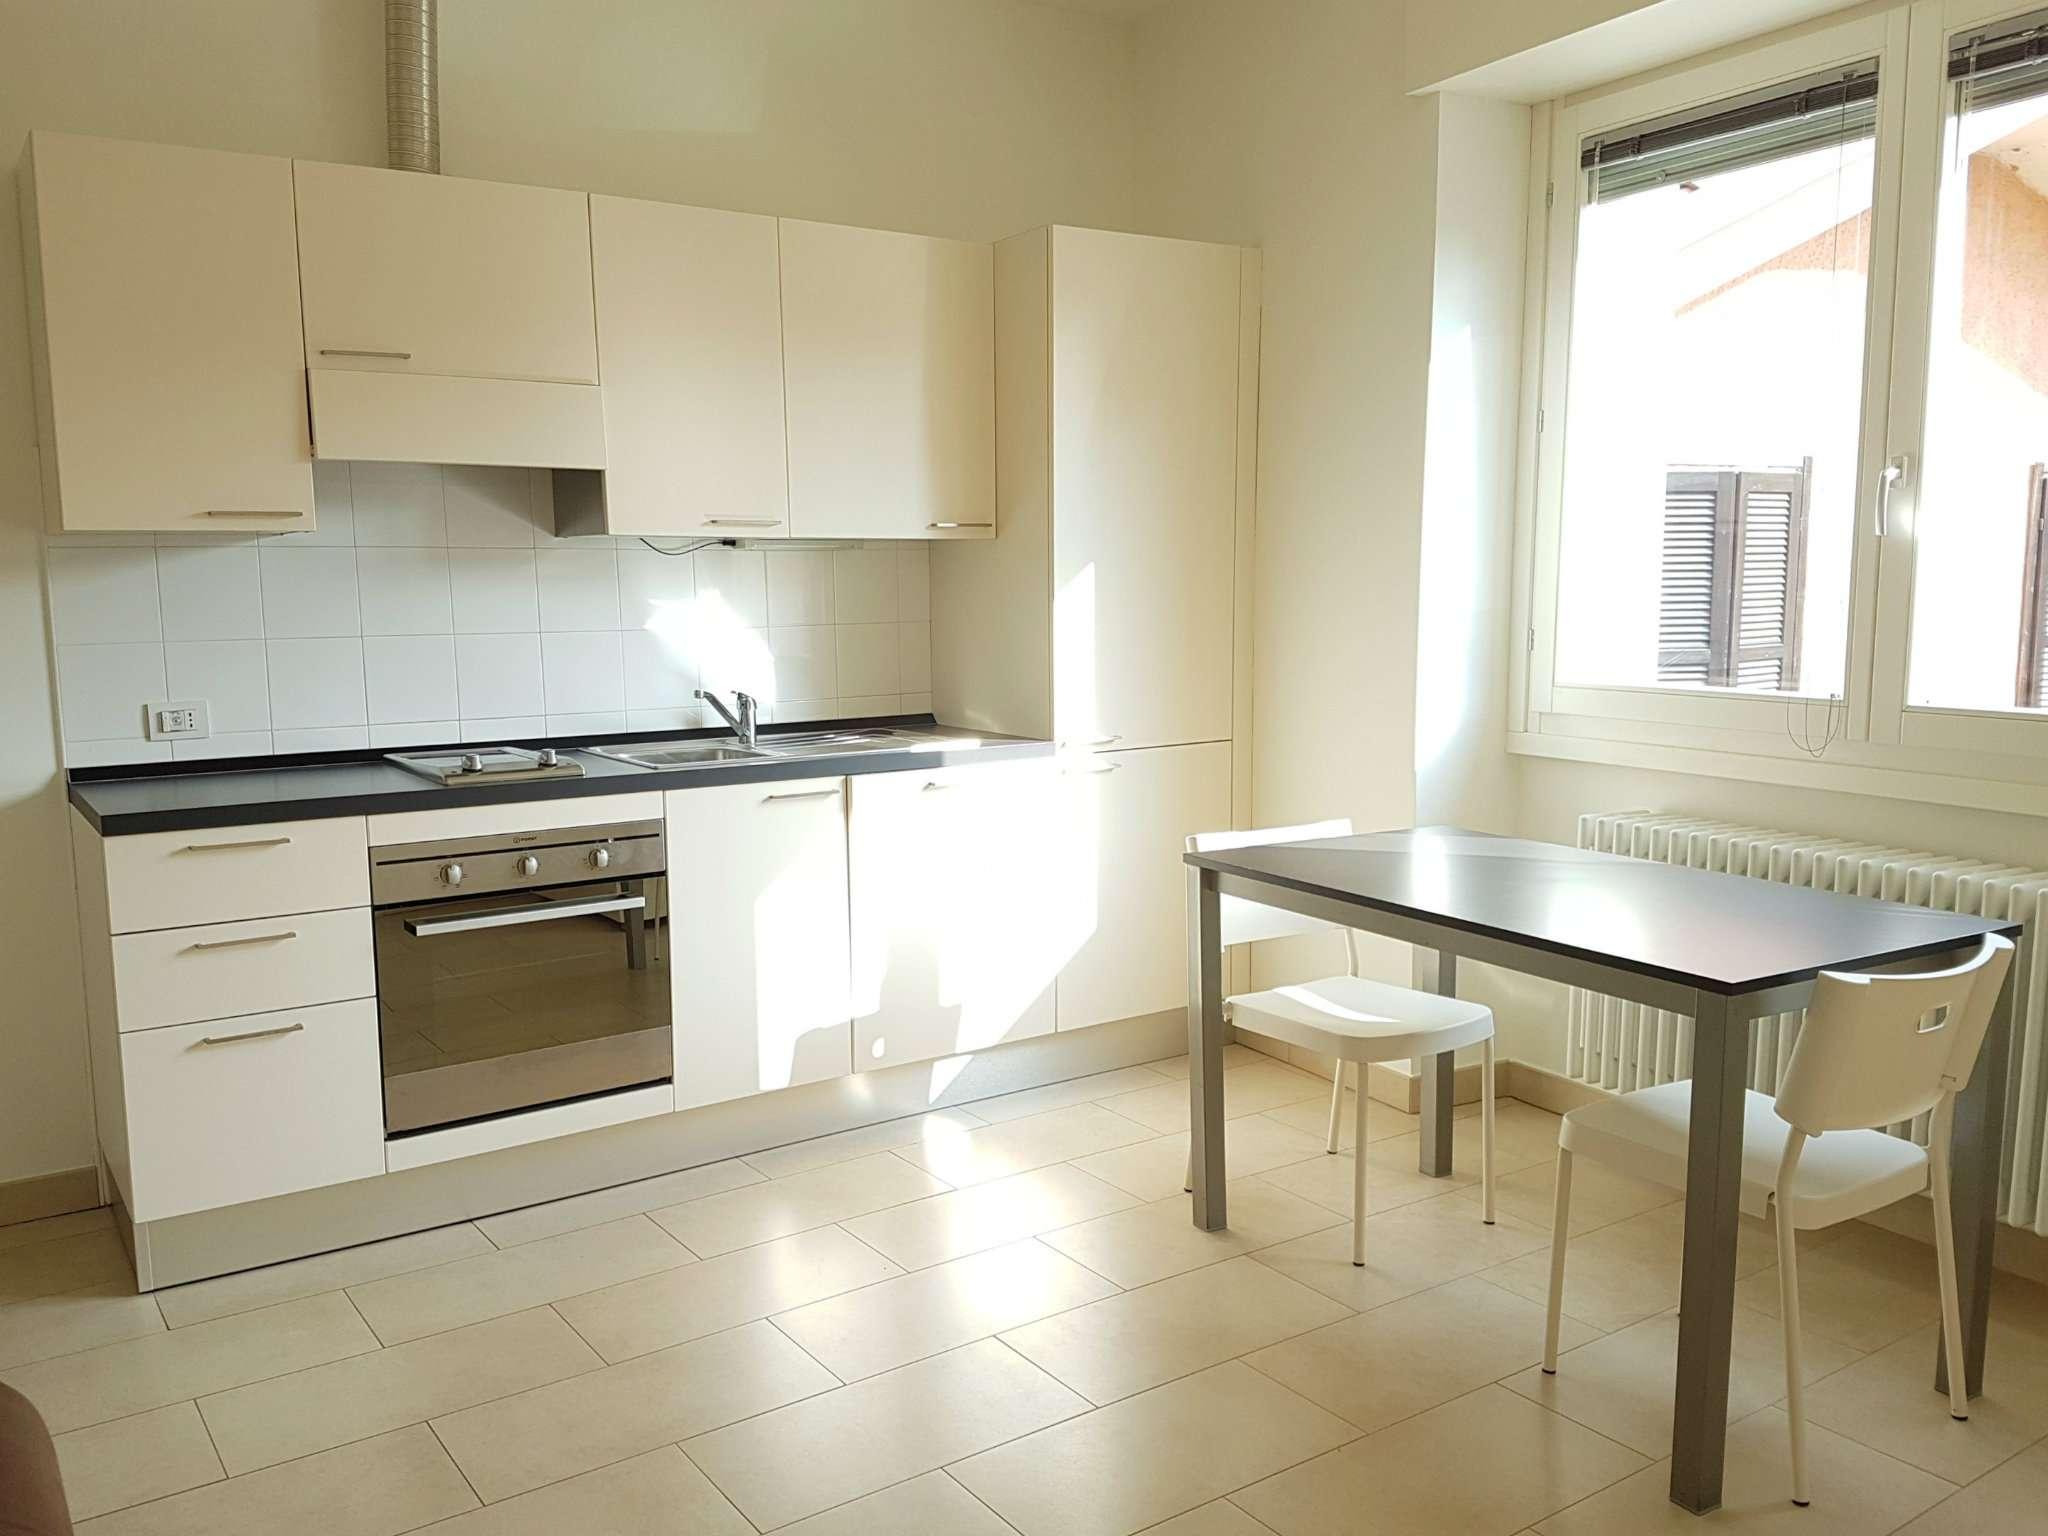 Appartamento in affitto a Tradate, 1 locali, prezzo € 420 | CambioCasa.it